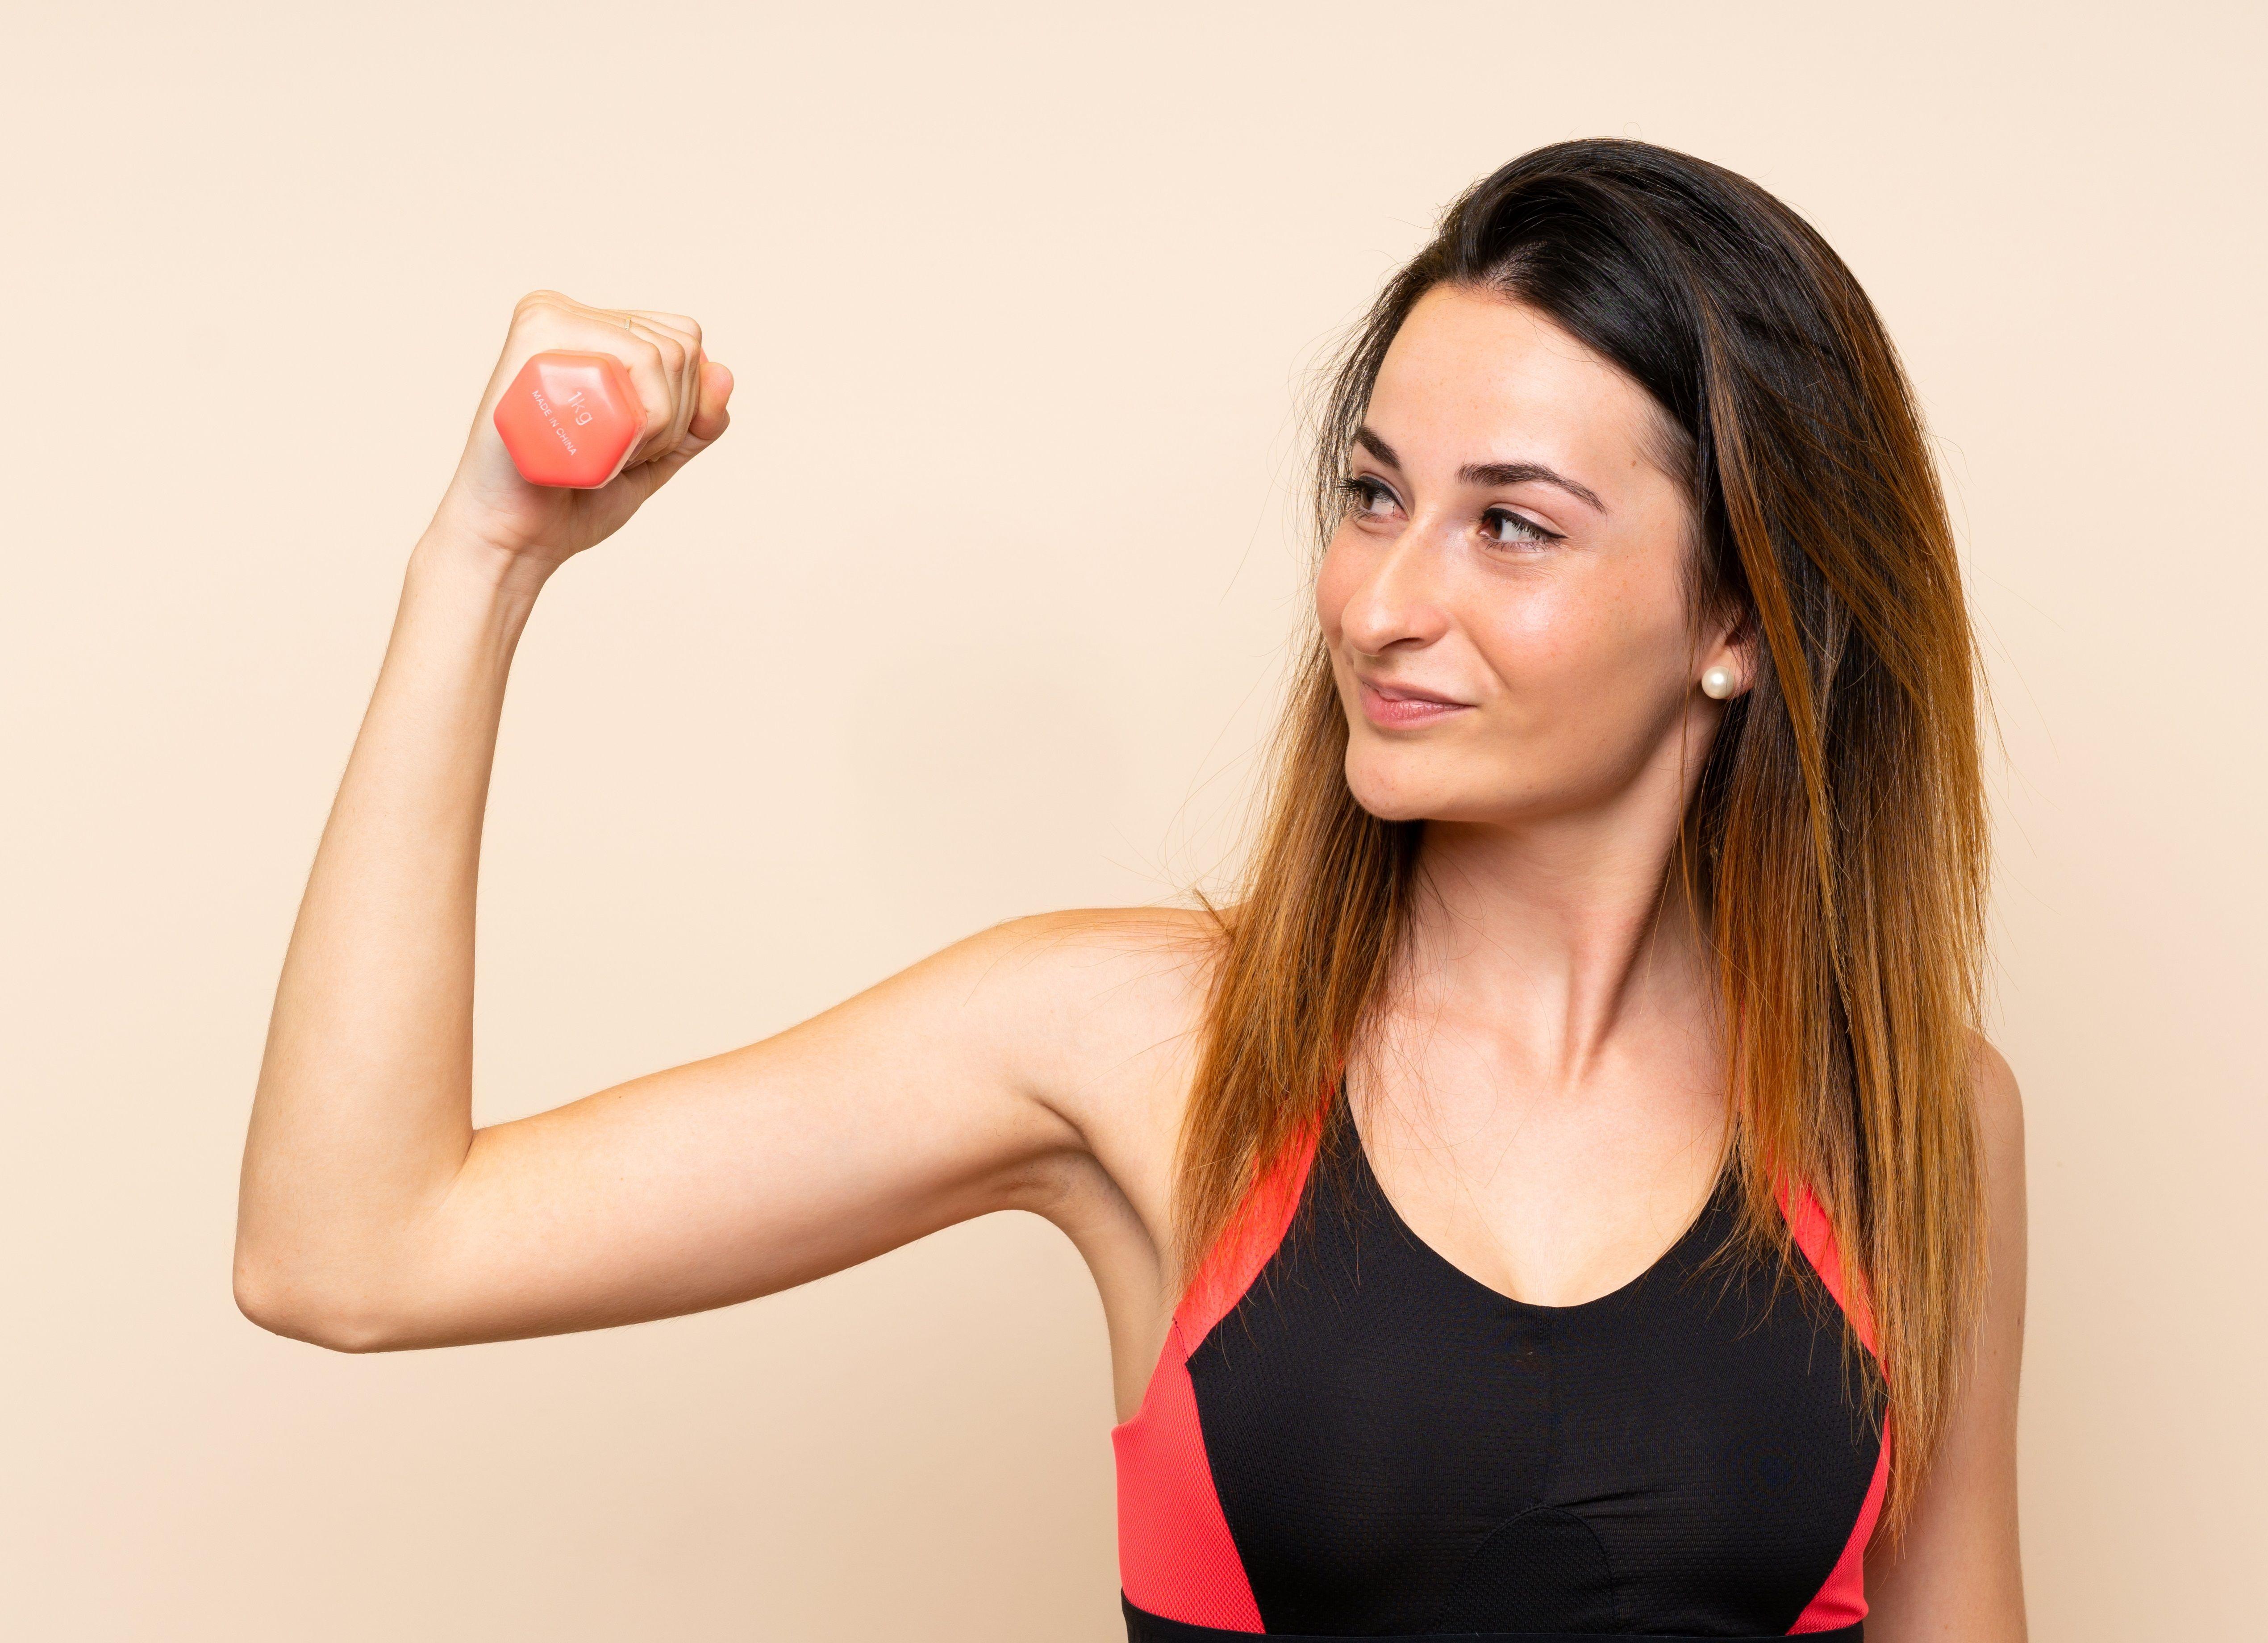 ¿Cómo conservar músculo mientras pierdes grasa?